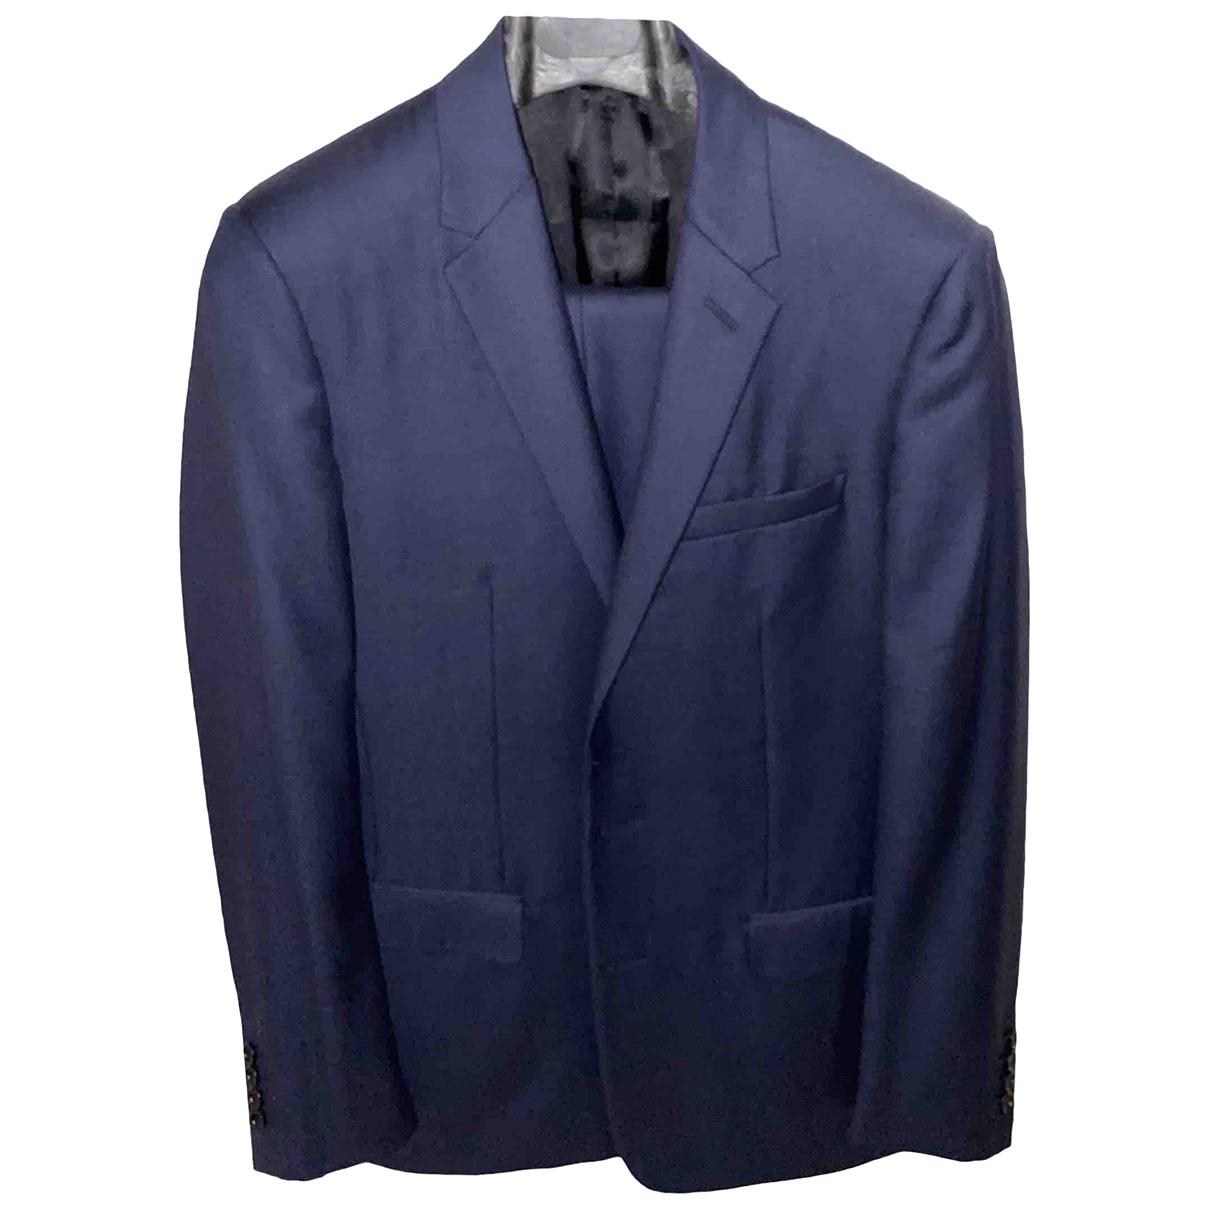 Dior Homme N Blue Wool Suits for Men 48 FR